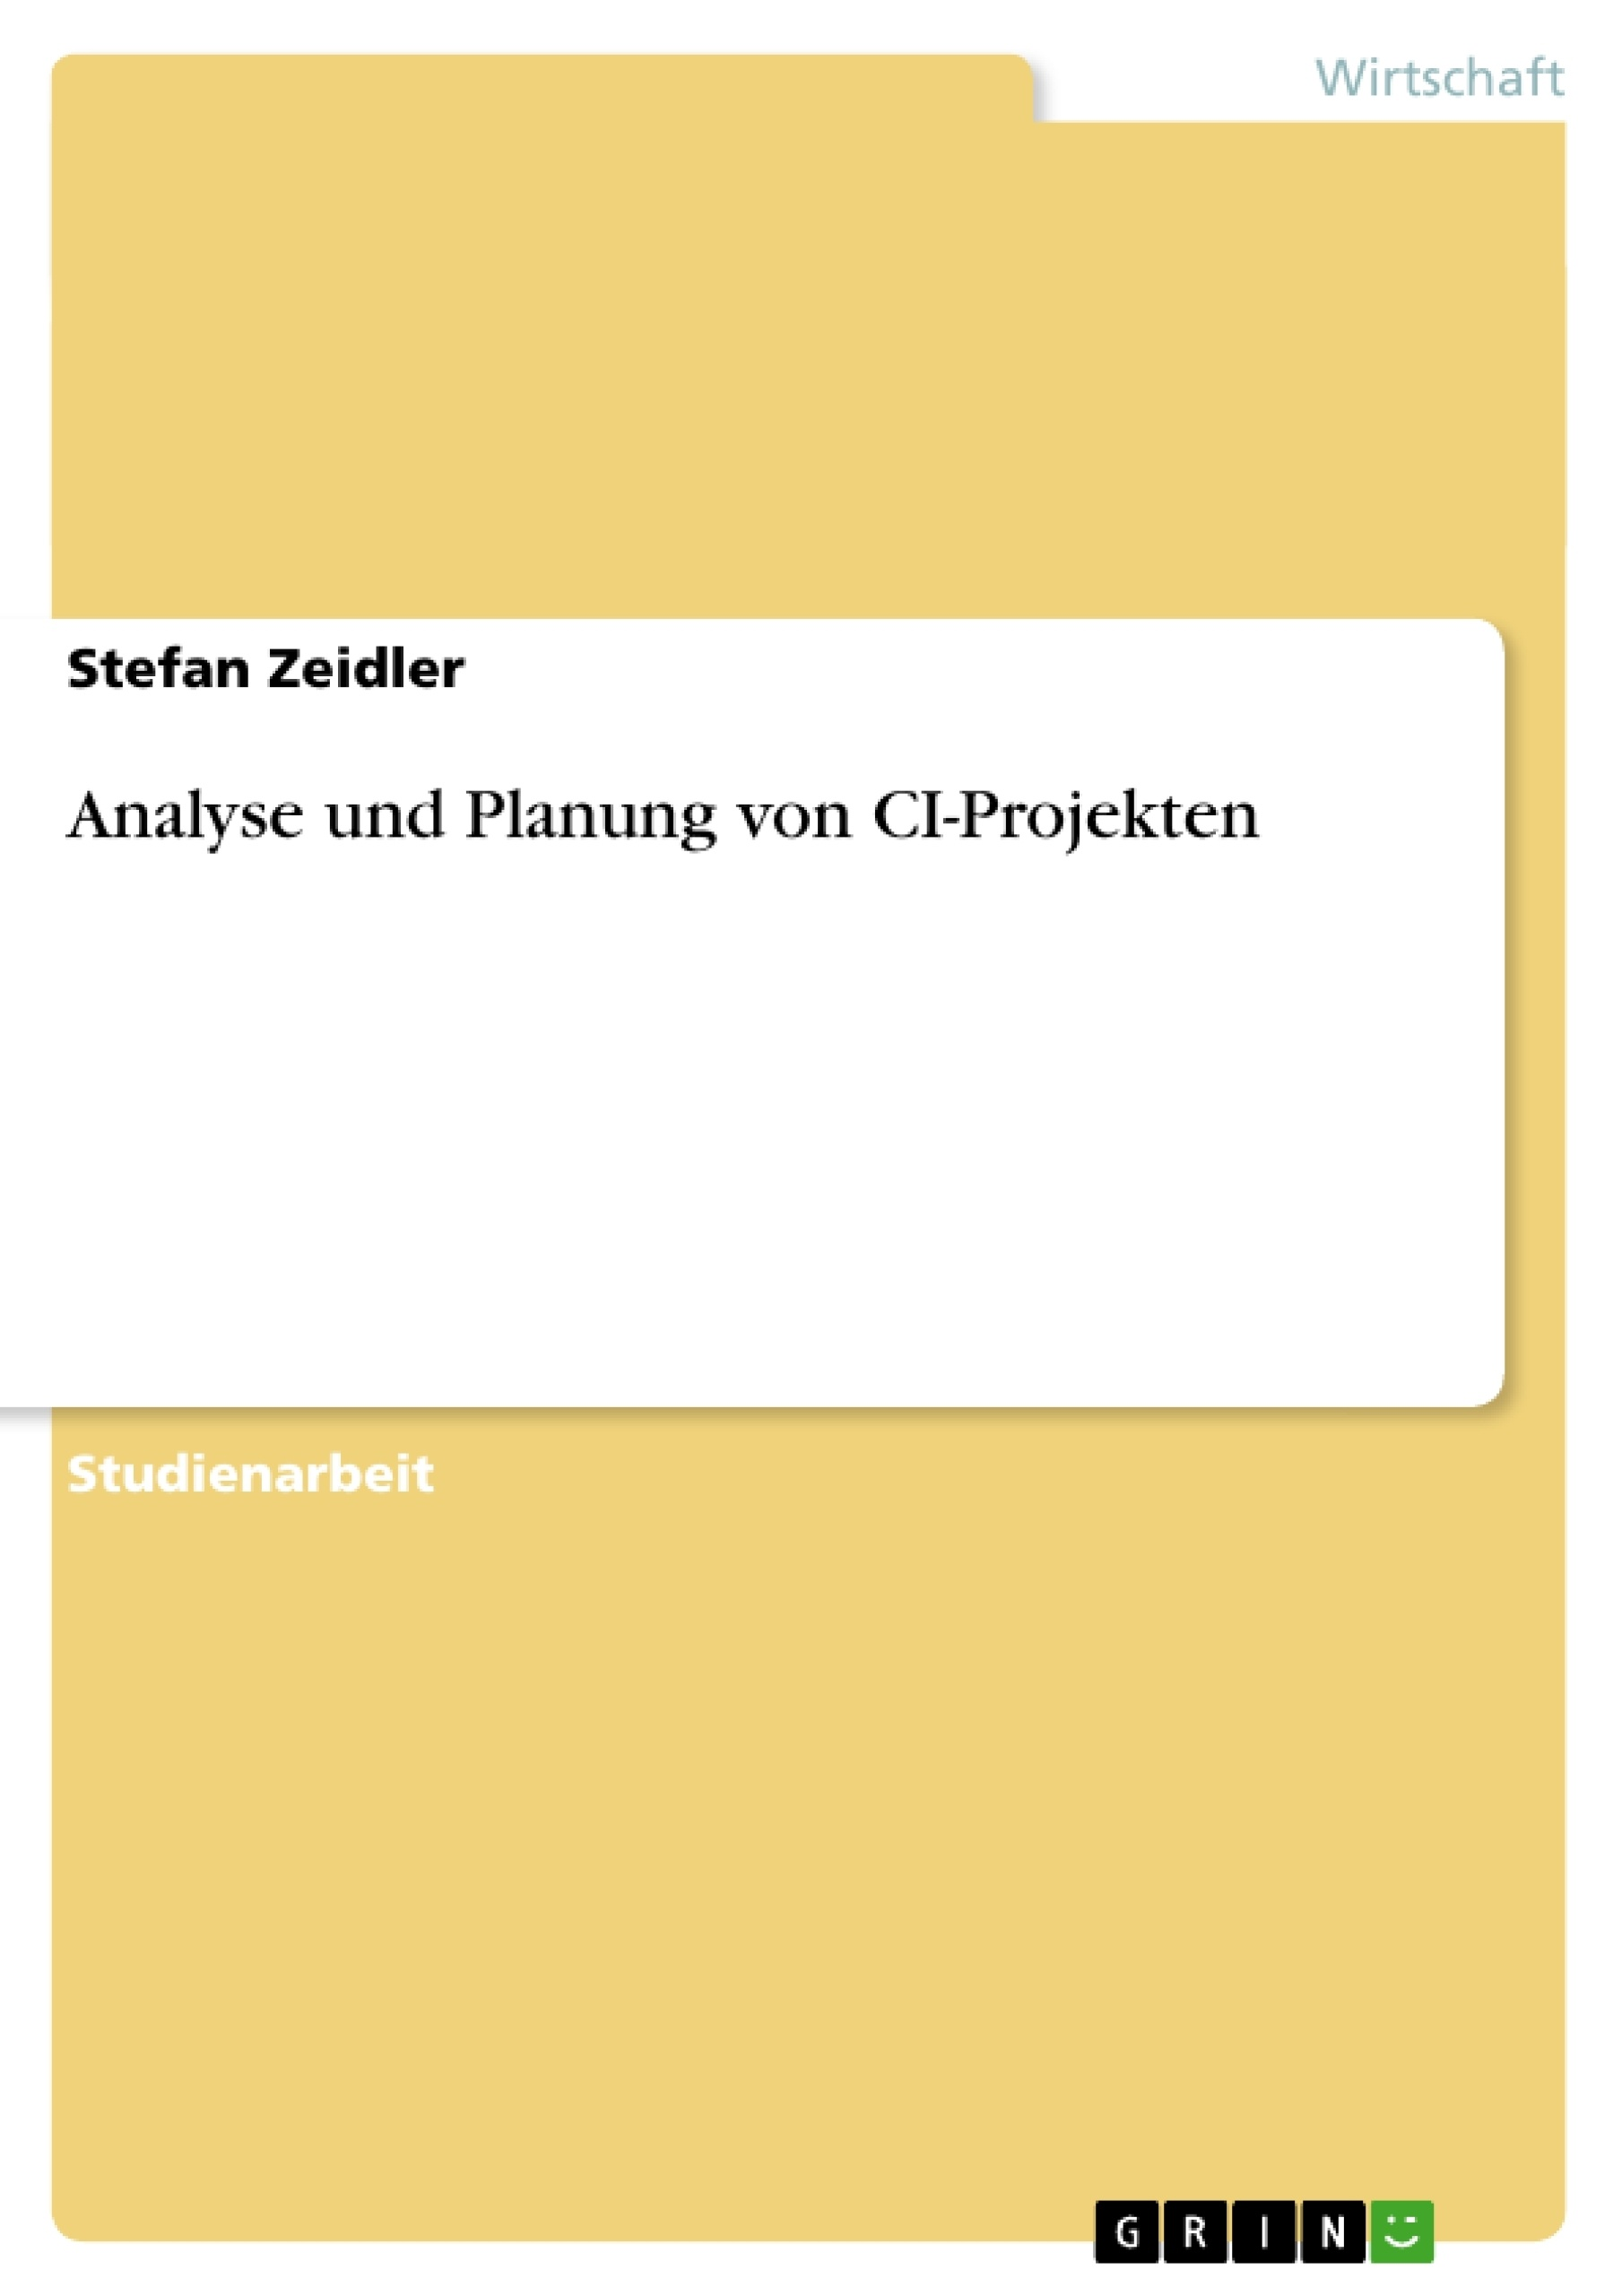 Titel: Analyse und Planung von CI-Projekten